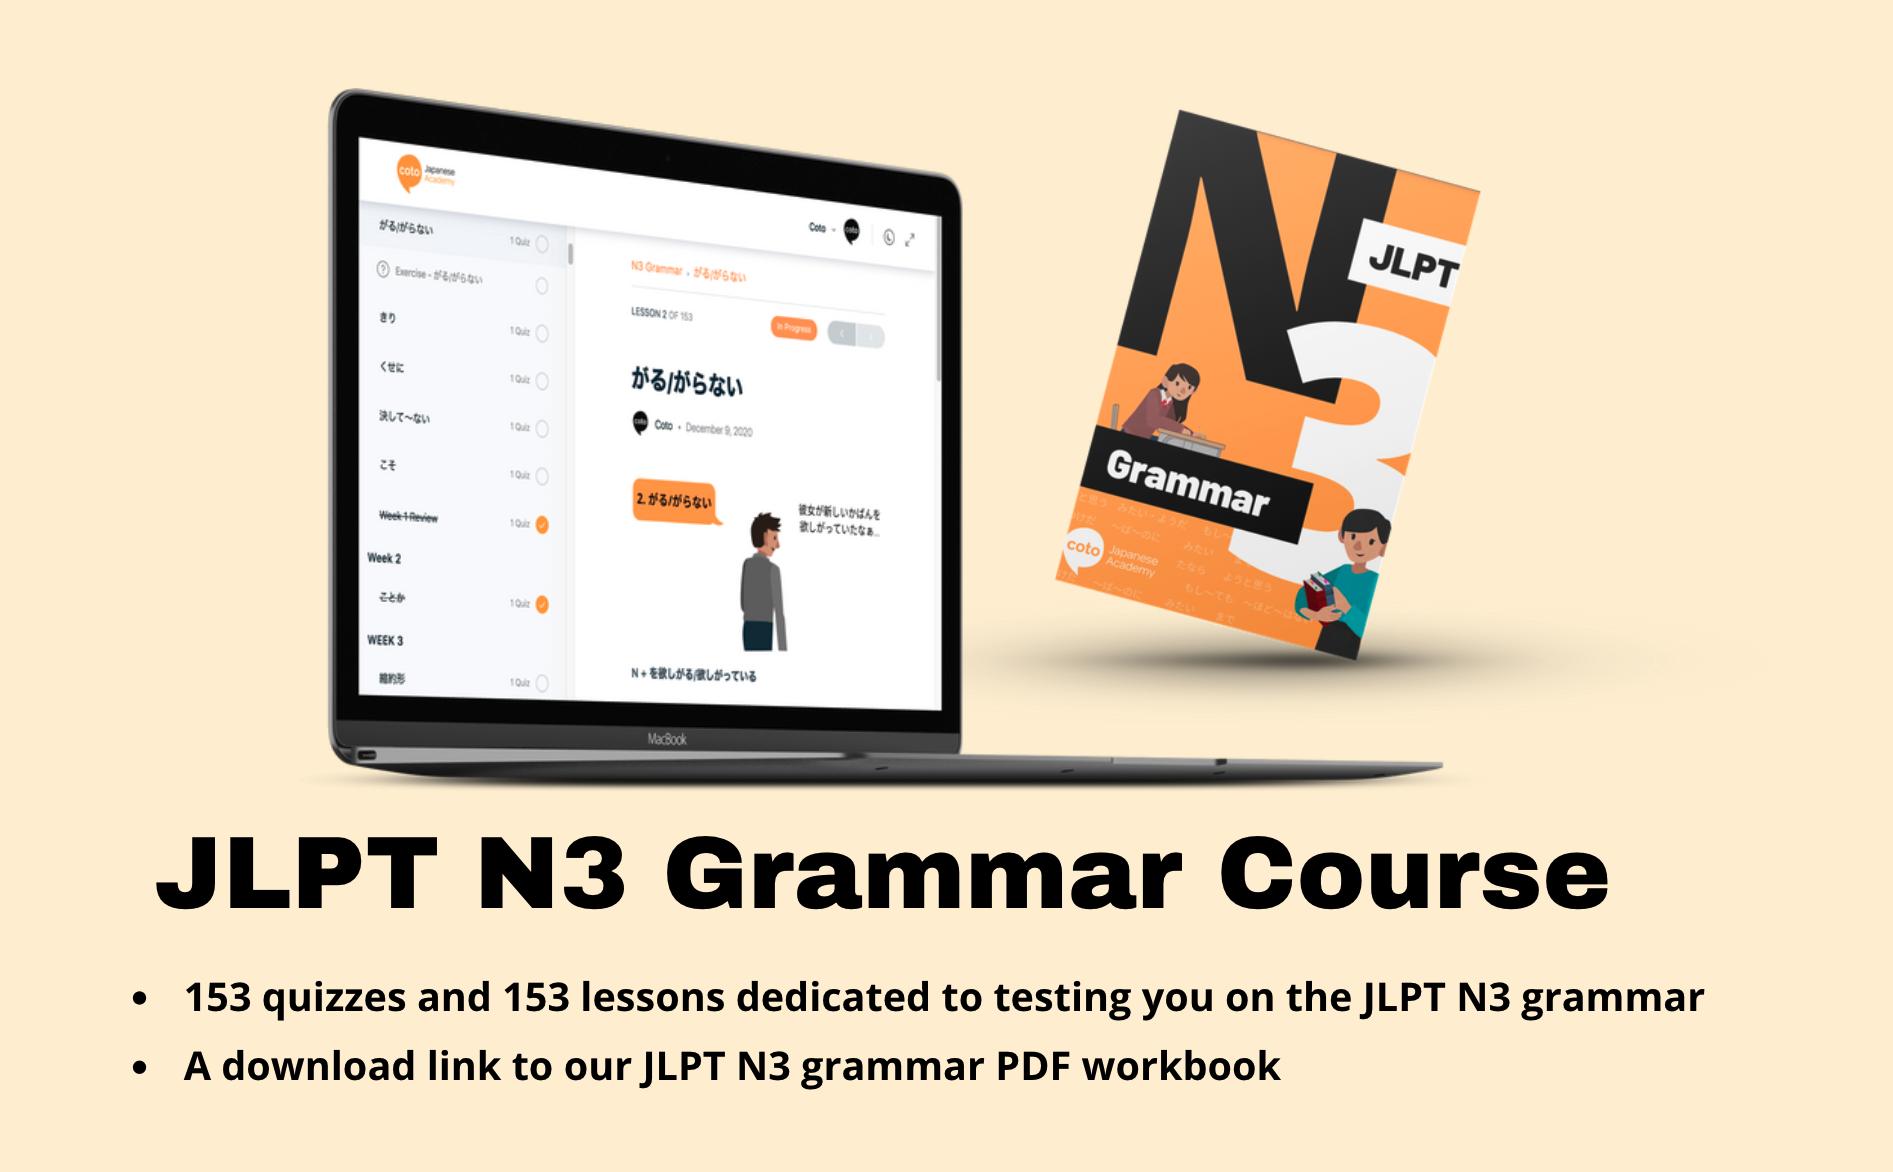 N3 Grammar